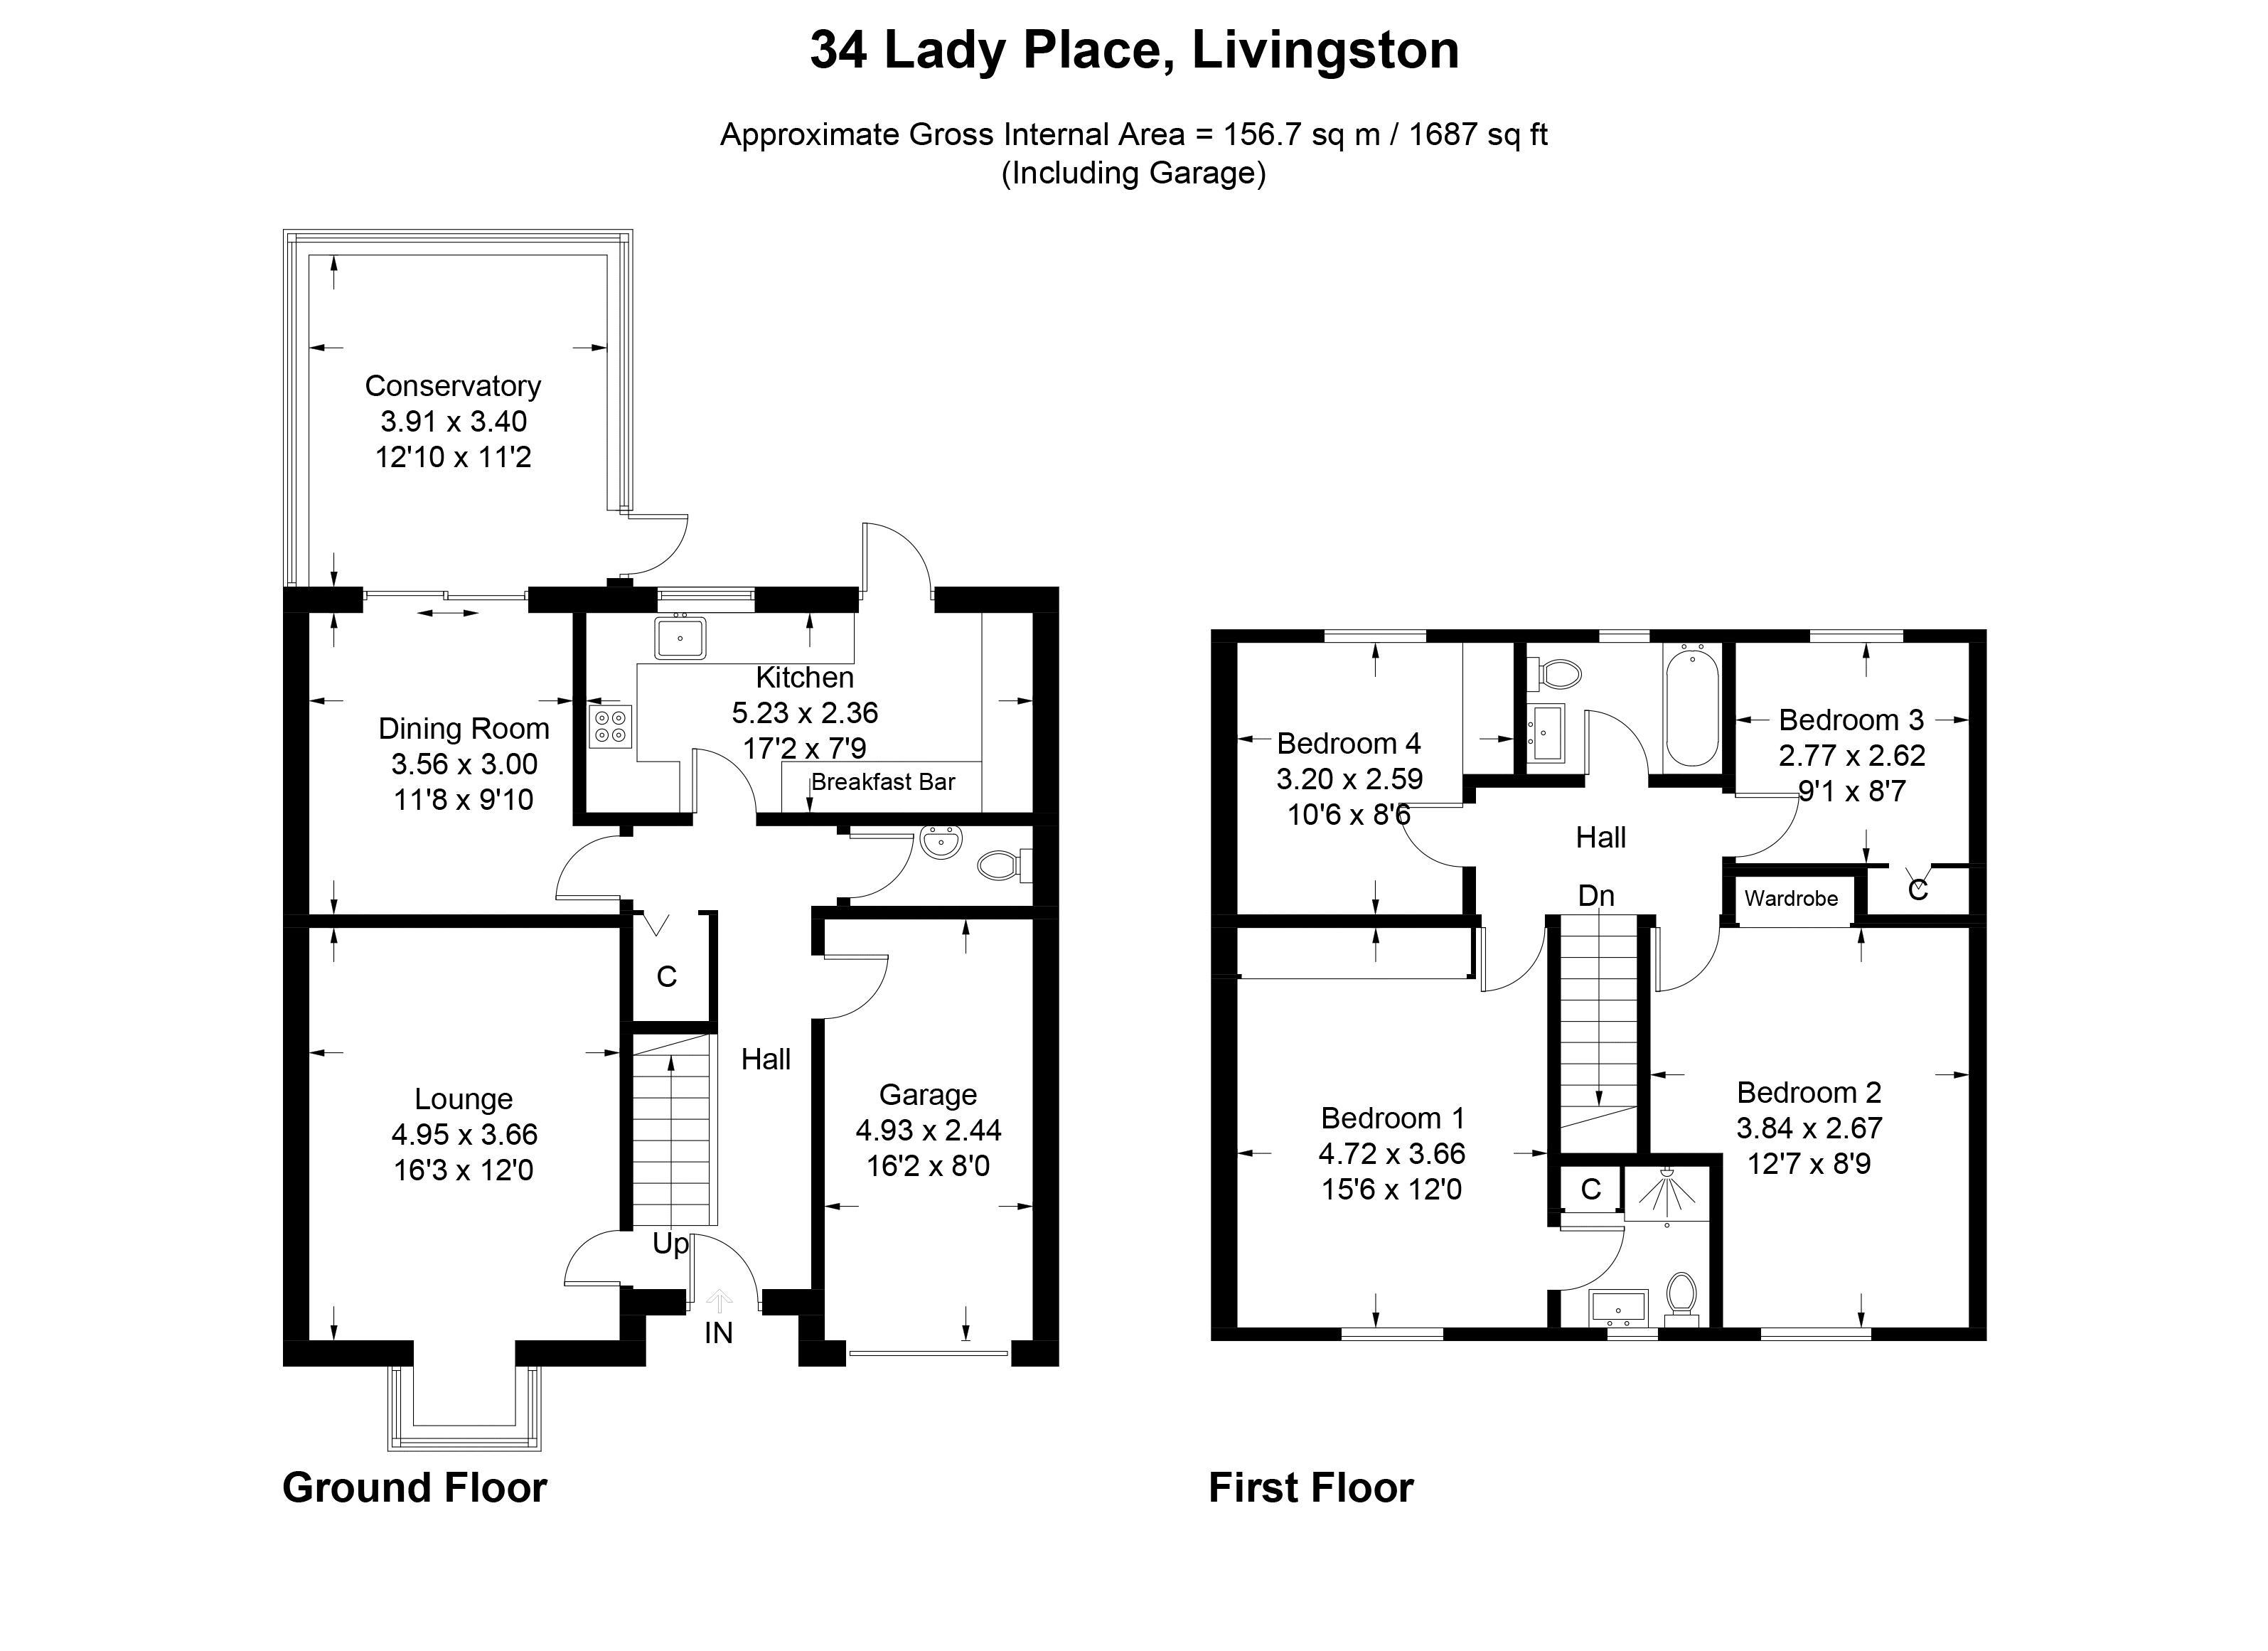 Lady Place Eliburn